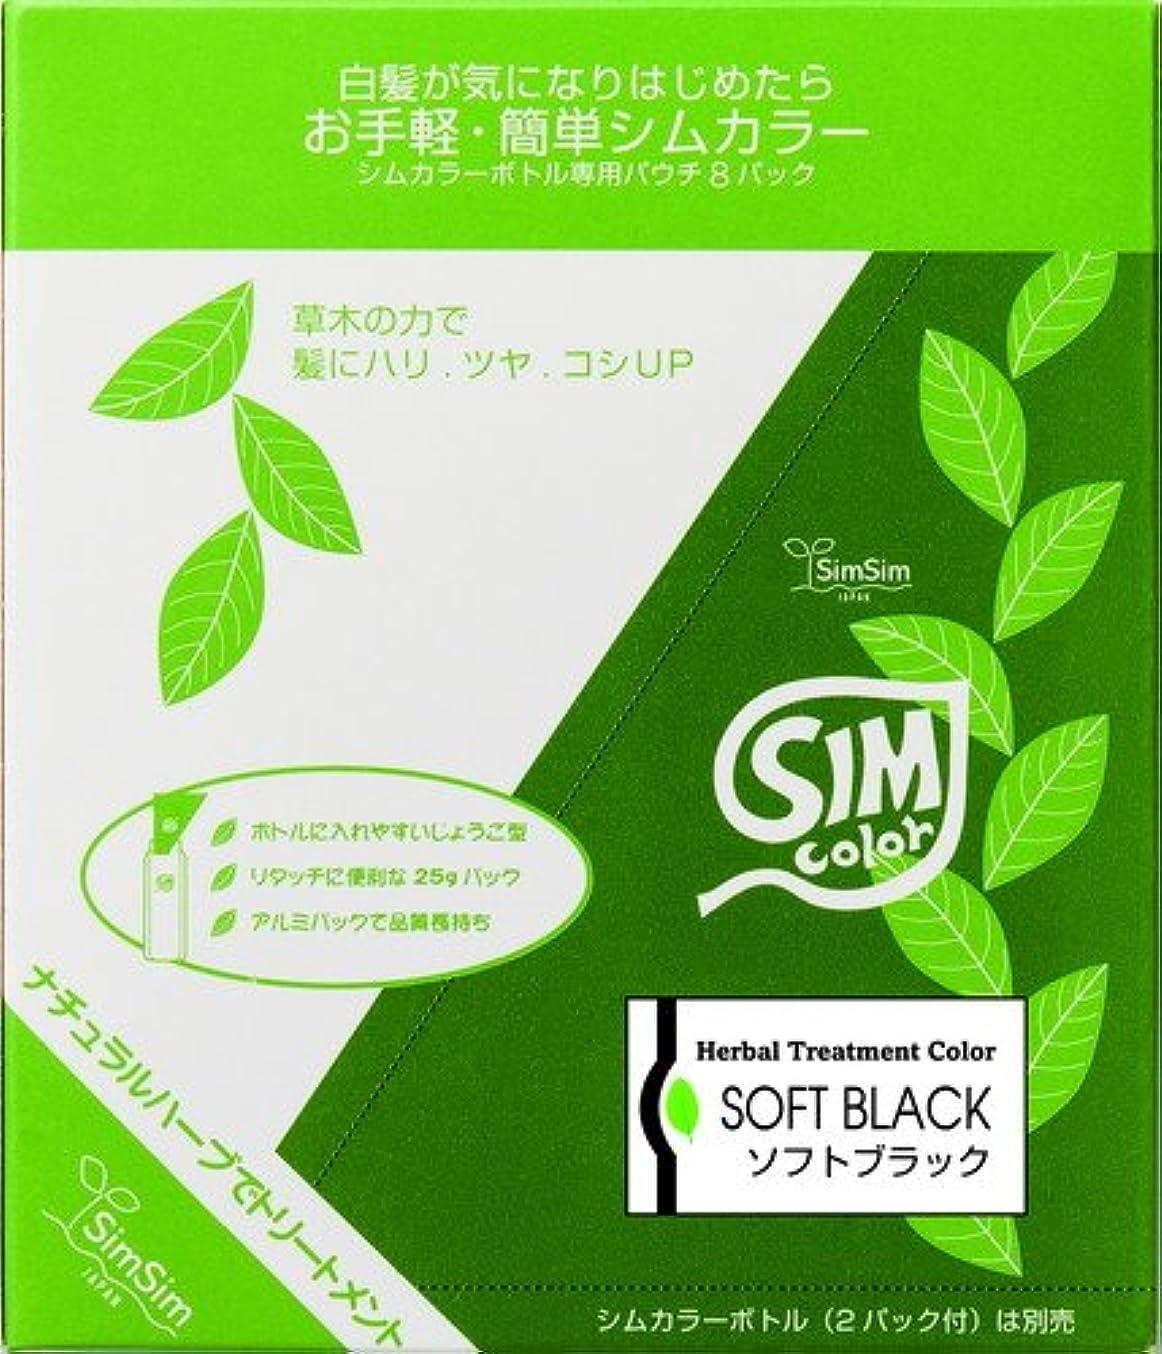 パンツパース是正SimSim(シムシム)お手軽簡単シムカラーエクストラ(EX)25g 8袋 ソフトブラック